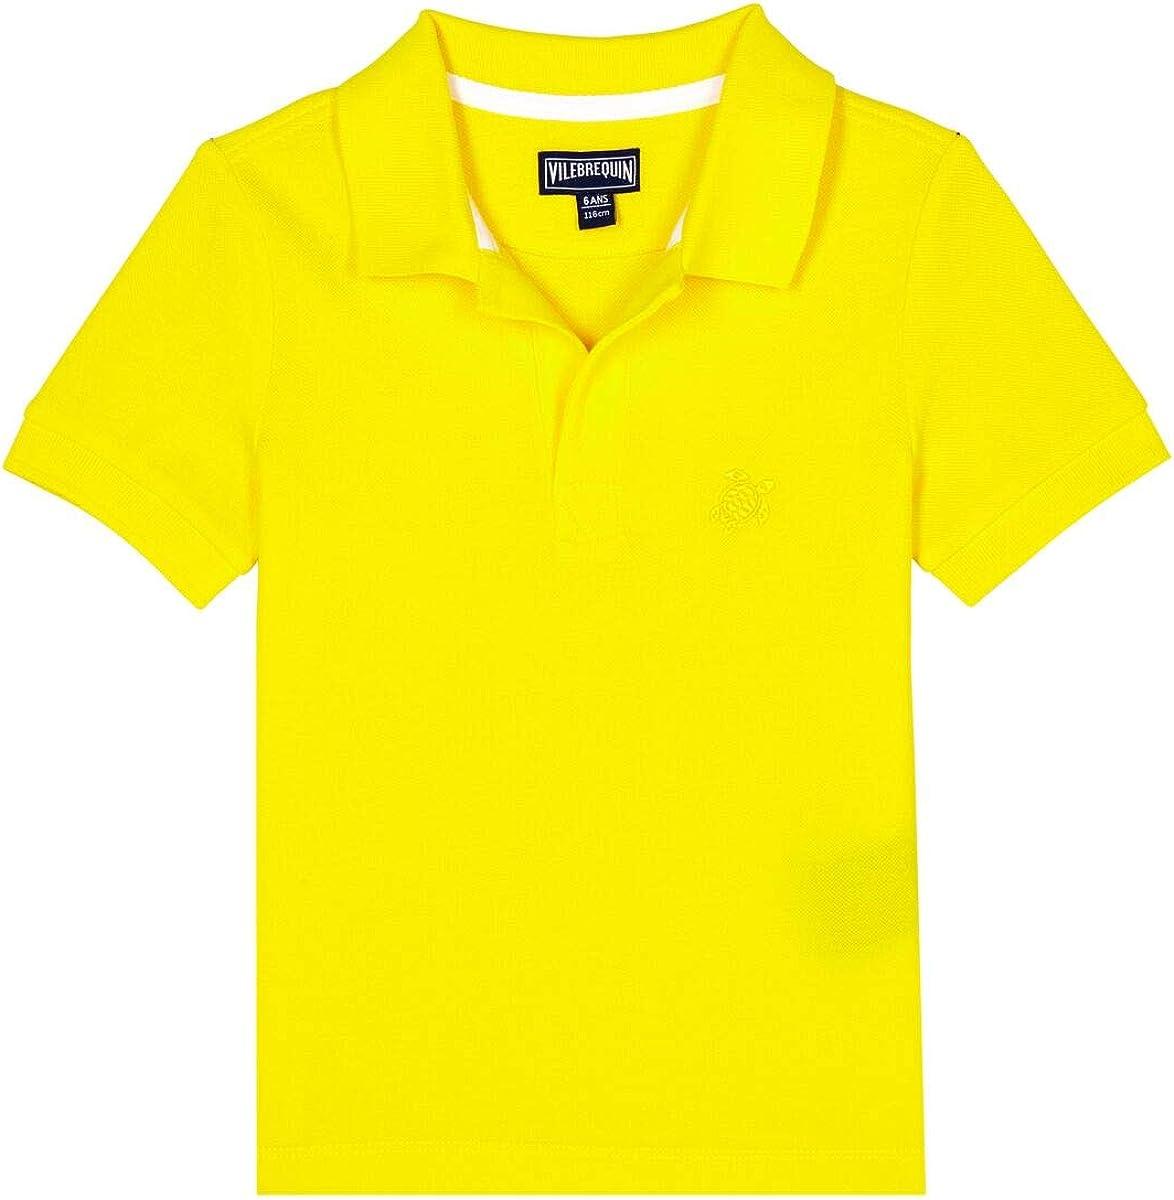 Vilebrequin, Boys Cotton Pique Polo Shirt Solid